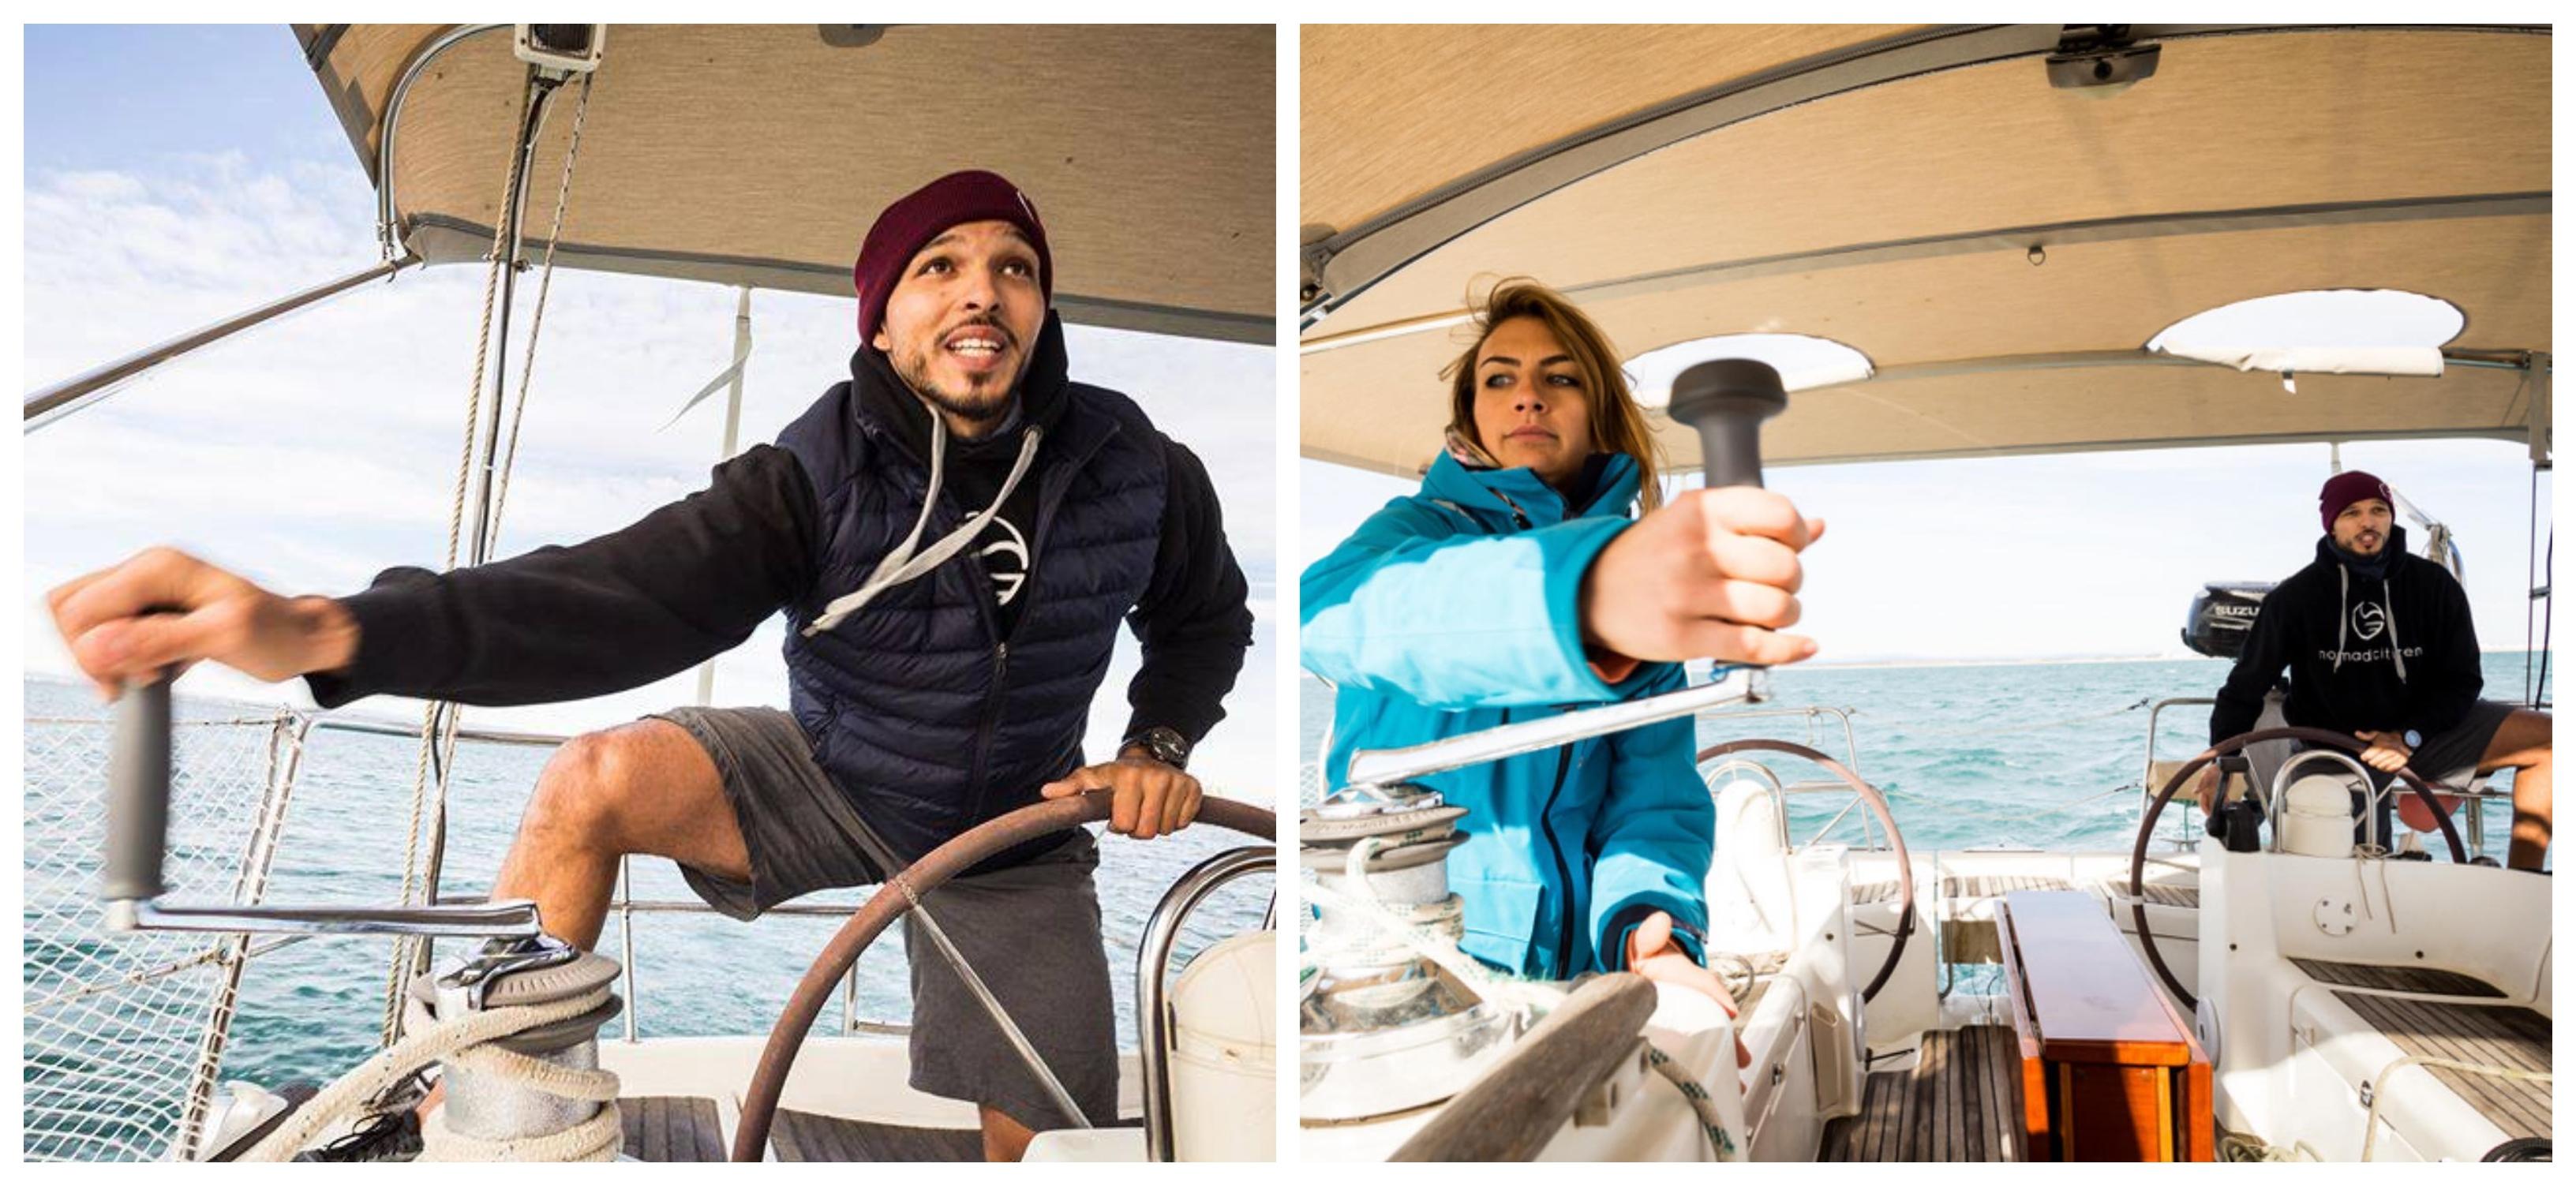 Marvi et Dani en train de faire des manoeuvres sur le voilier, Photo: Sailing Nomad Citizen